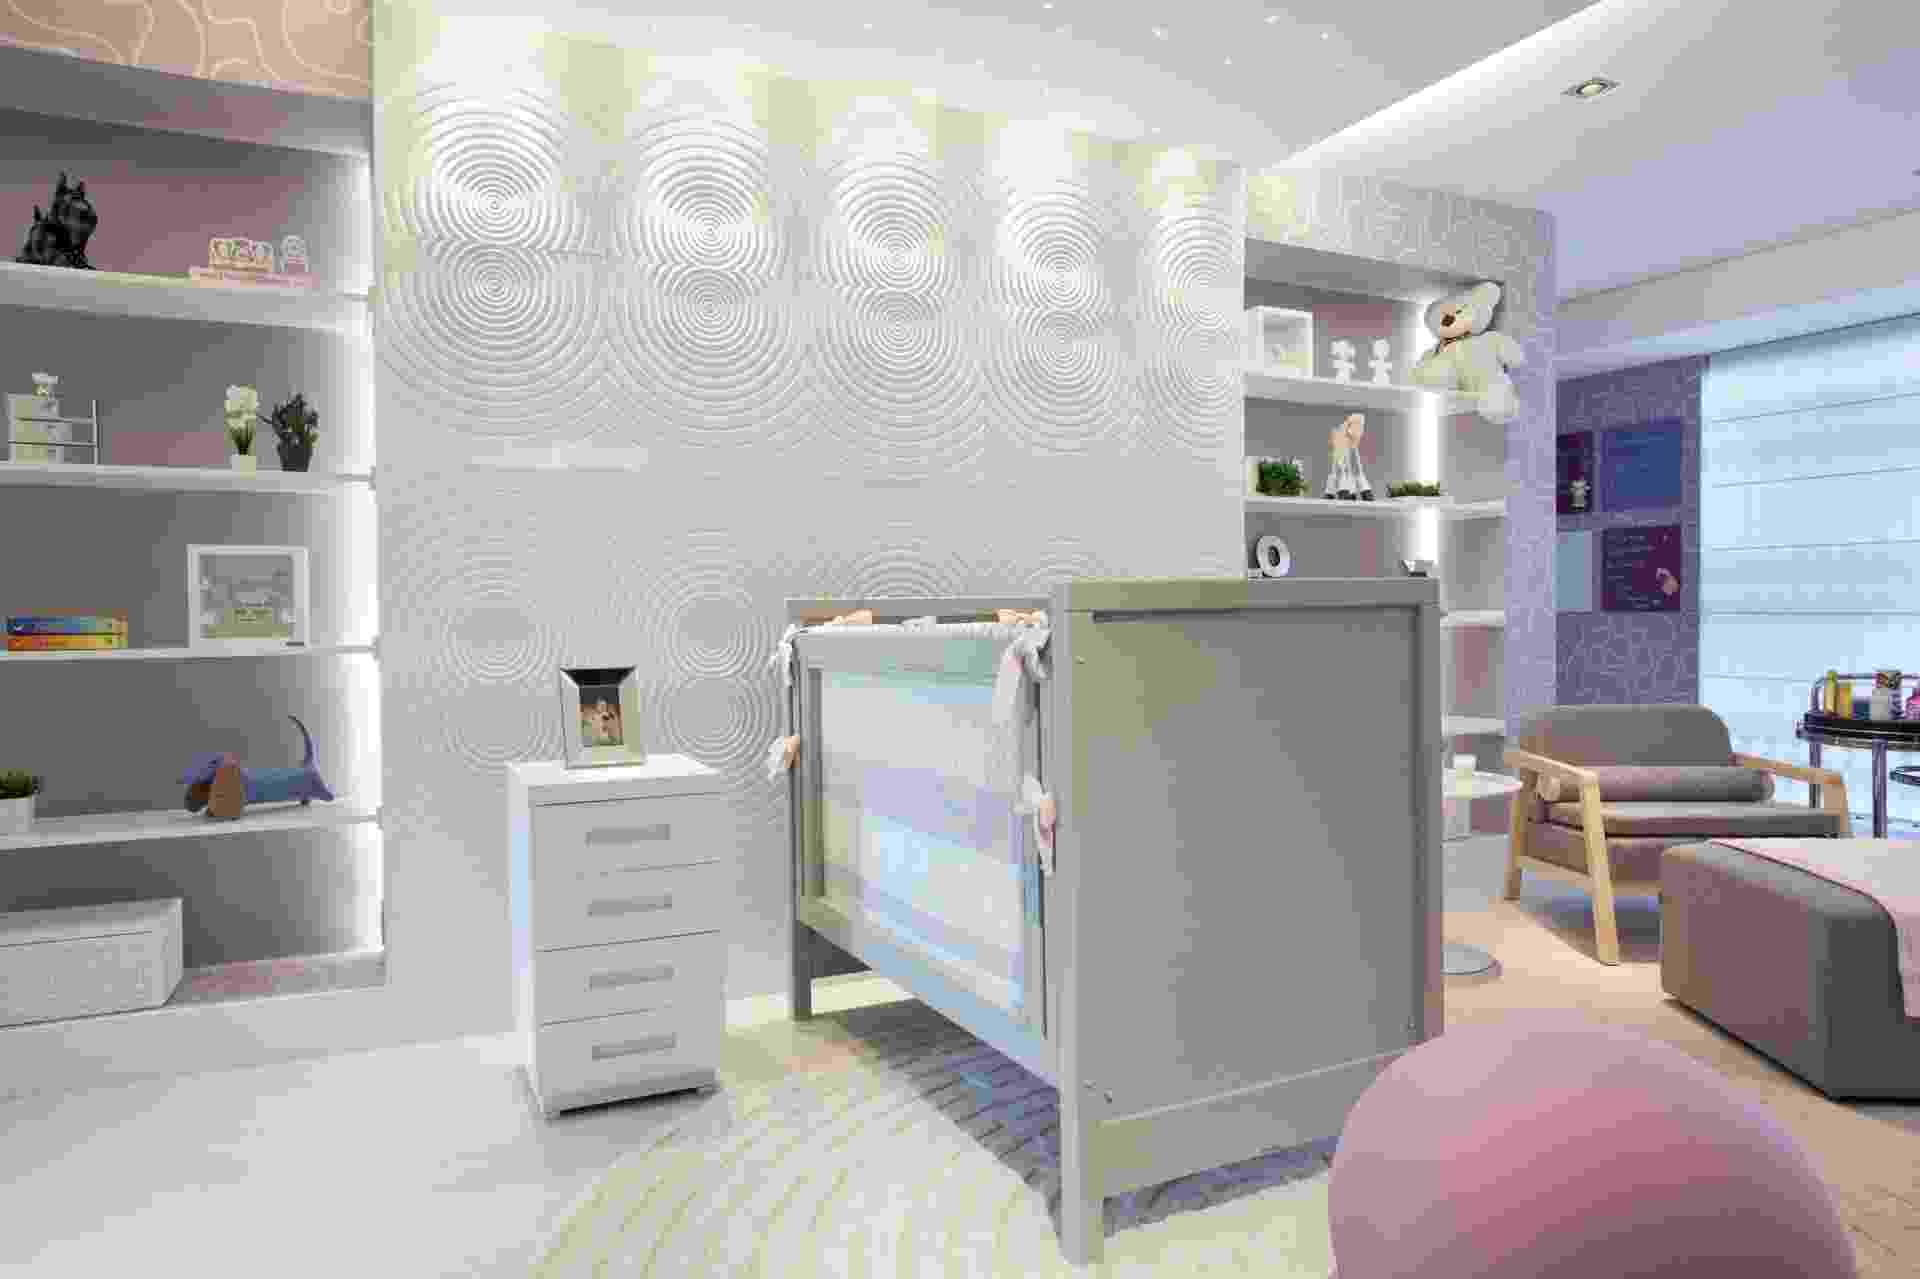 Quarto de bebê projetado pela arquiteta Raquel Kabbani para a Casa Cor São Paulo 2014. No espaço de 46 metros quadros, toques suaves das cores rosa e lilás quebraram a sobriedade do mobiliário em cinza - Divulgação